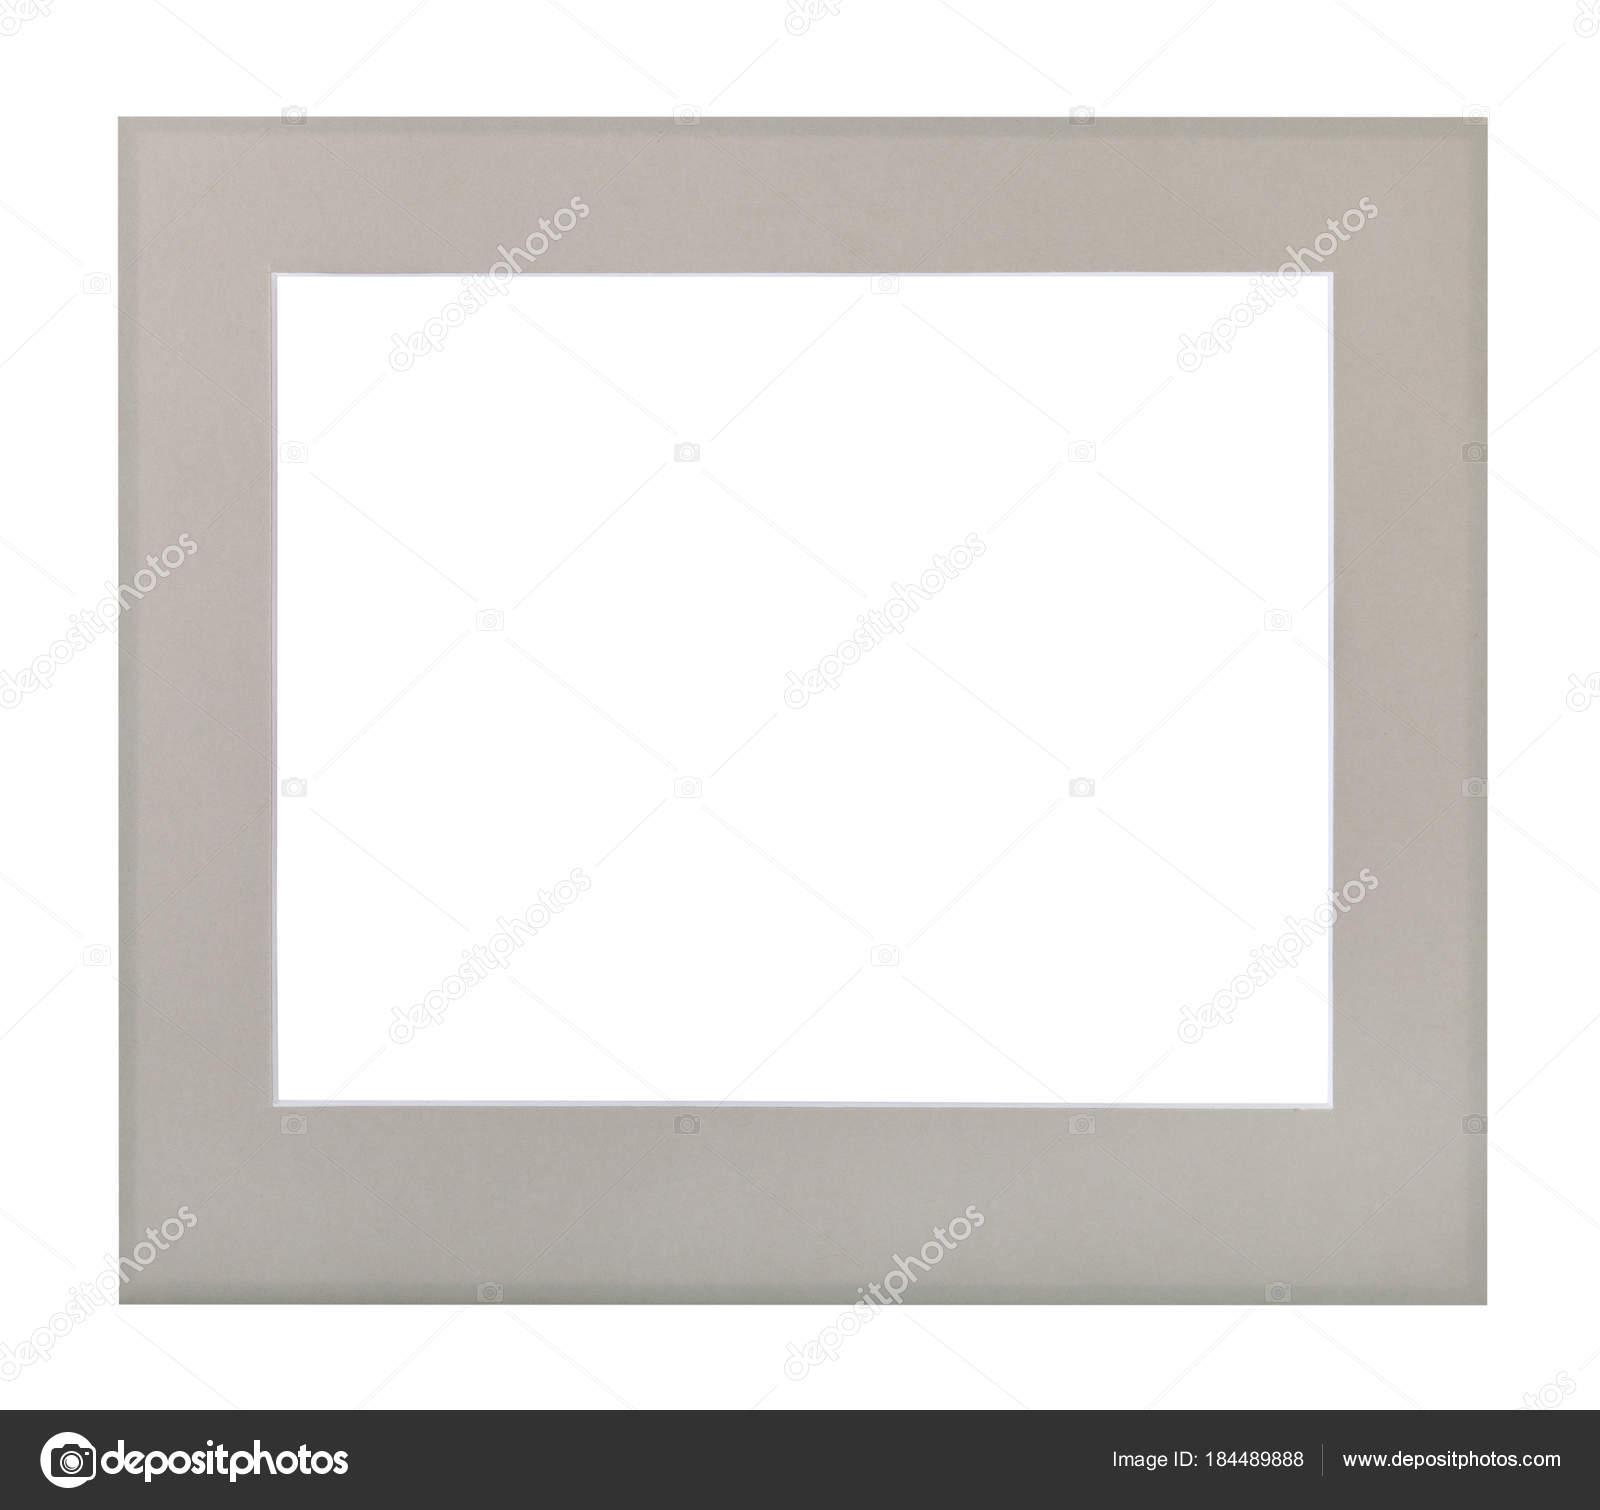 breiten flachen grauen Passepartout für Bilderrahmen — Stockfoto ...